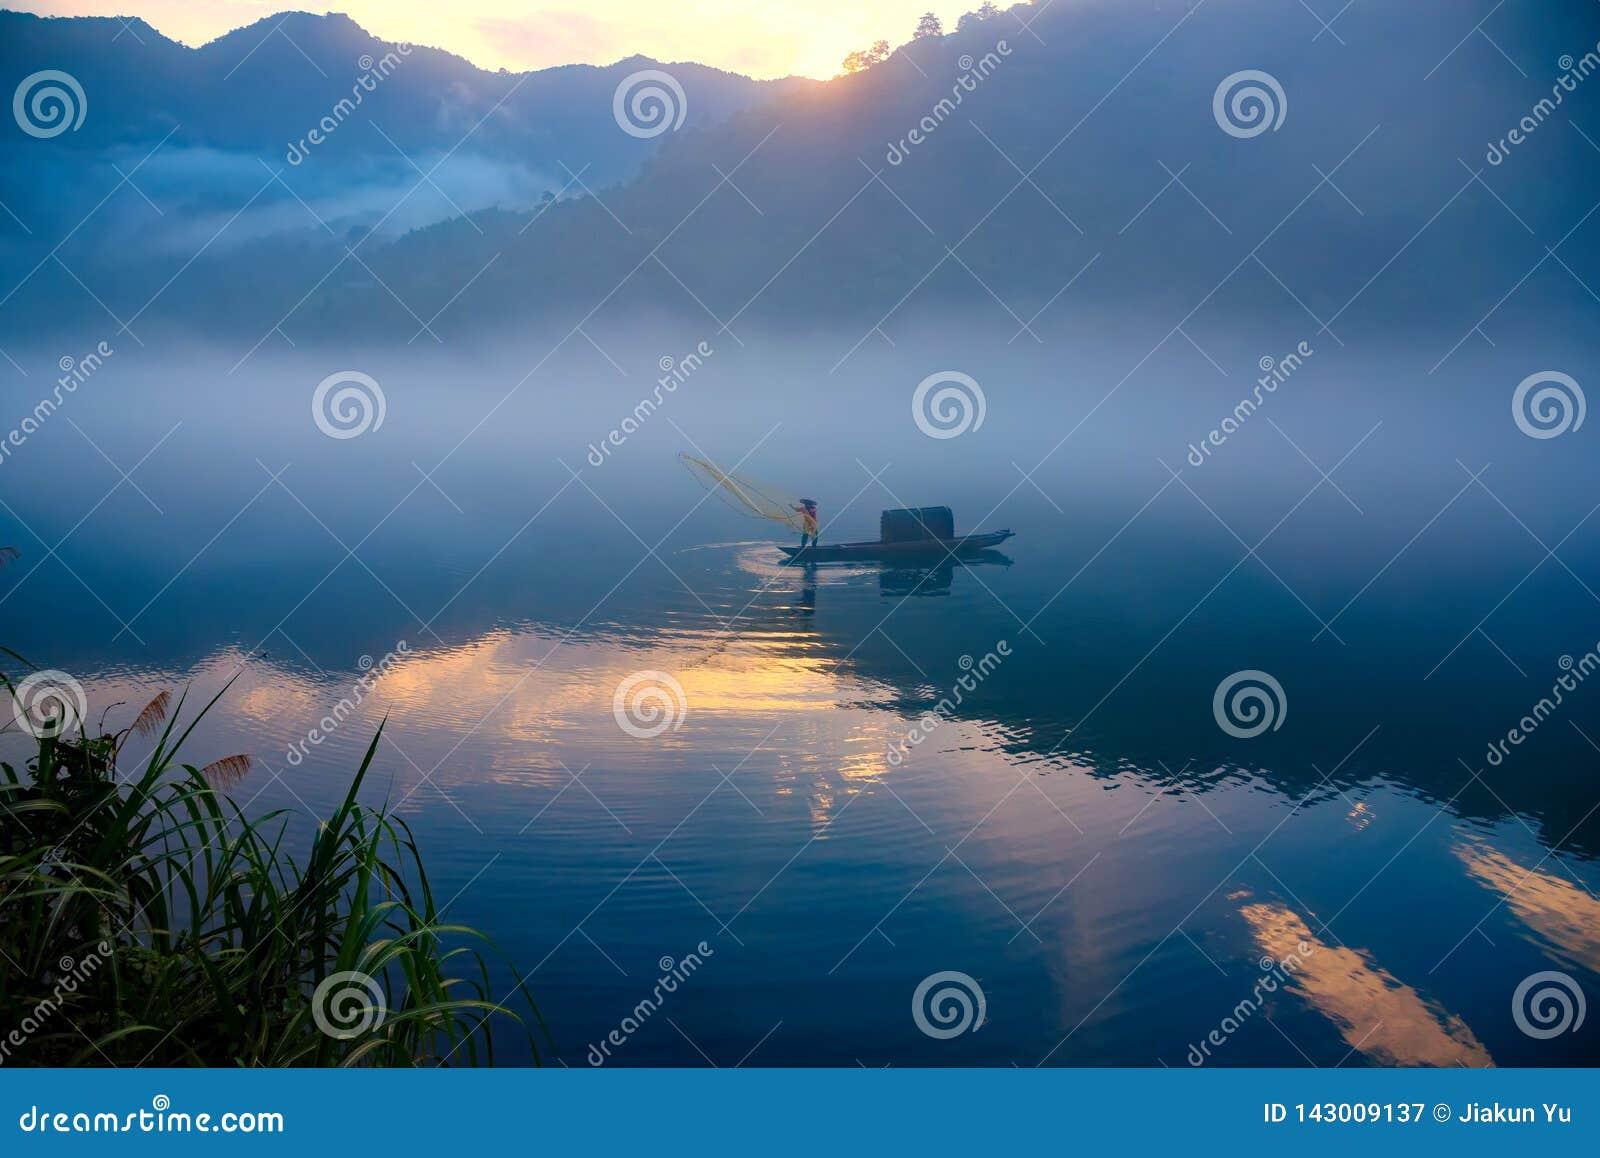 Fishman бросило сеть на шлюпке в тумане на реке, золотое отражение облака на поверхности воды, на зоре